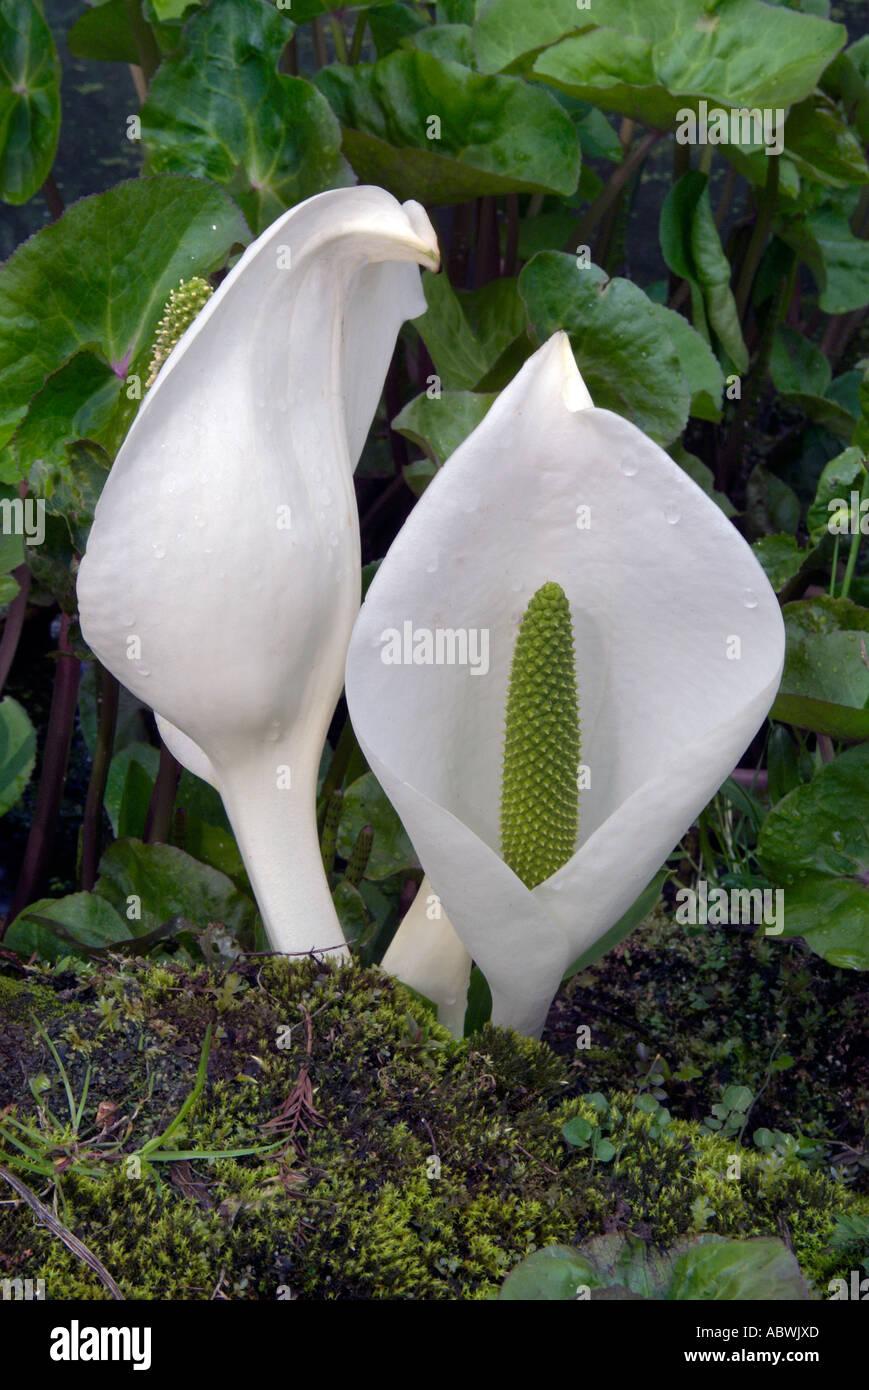 Aram Arum lily jardin de fleurs feuillage crème blanc lys de fleurs sauvages nil araceae spathe tourbière humide étang humide humide close up Banque D'Images